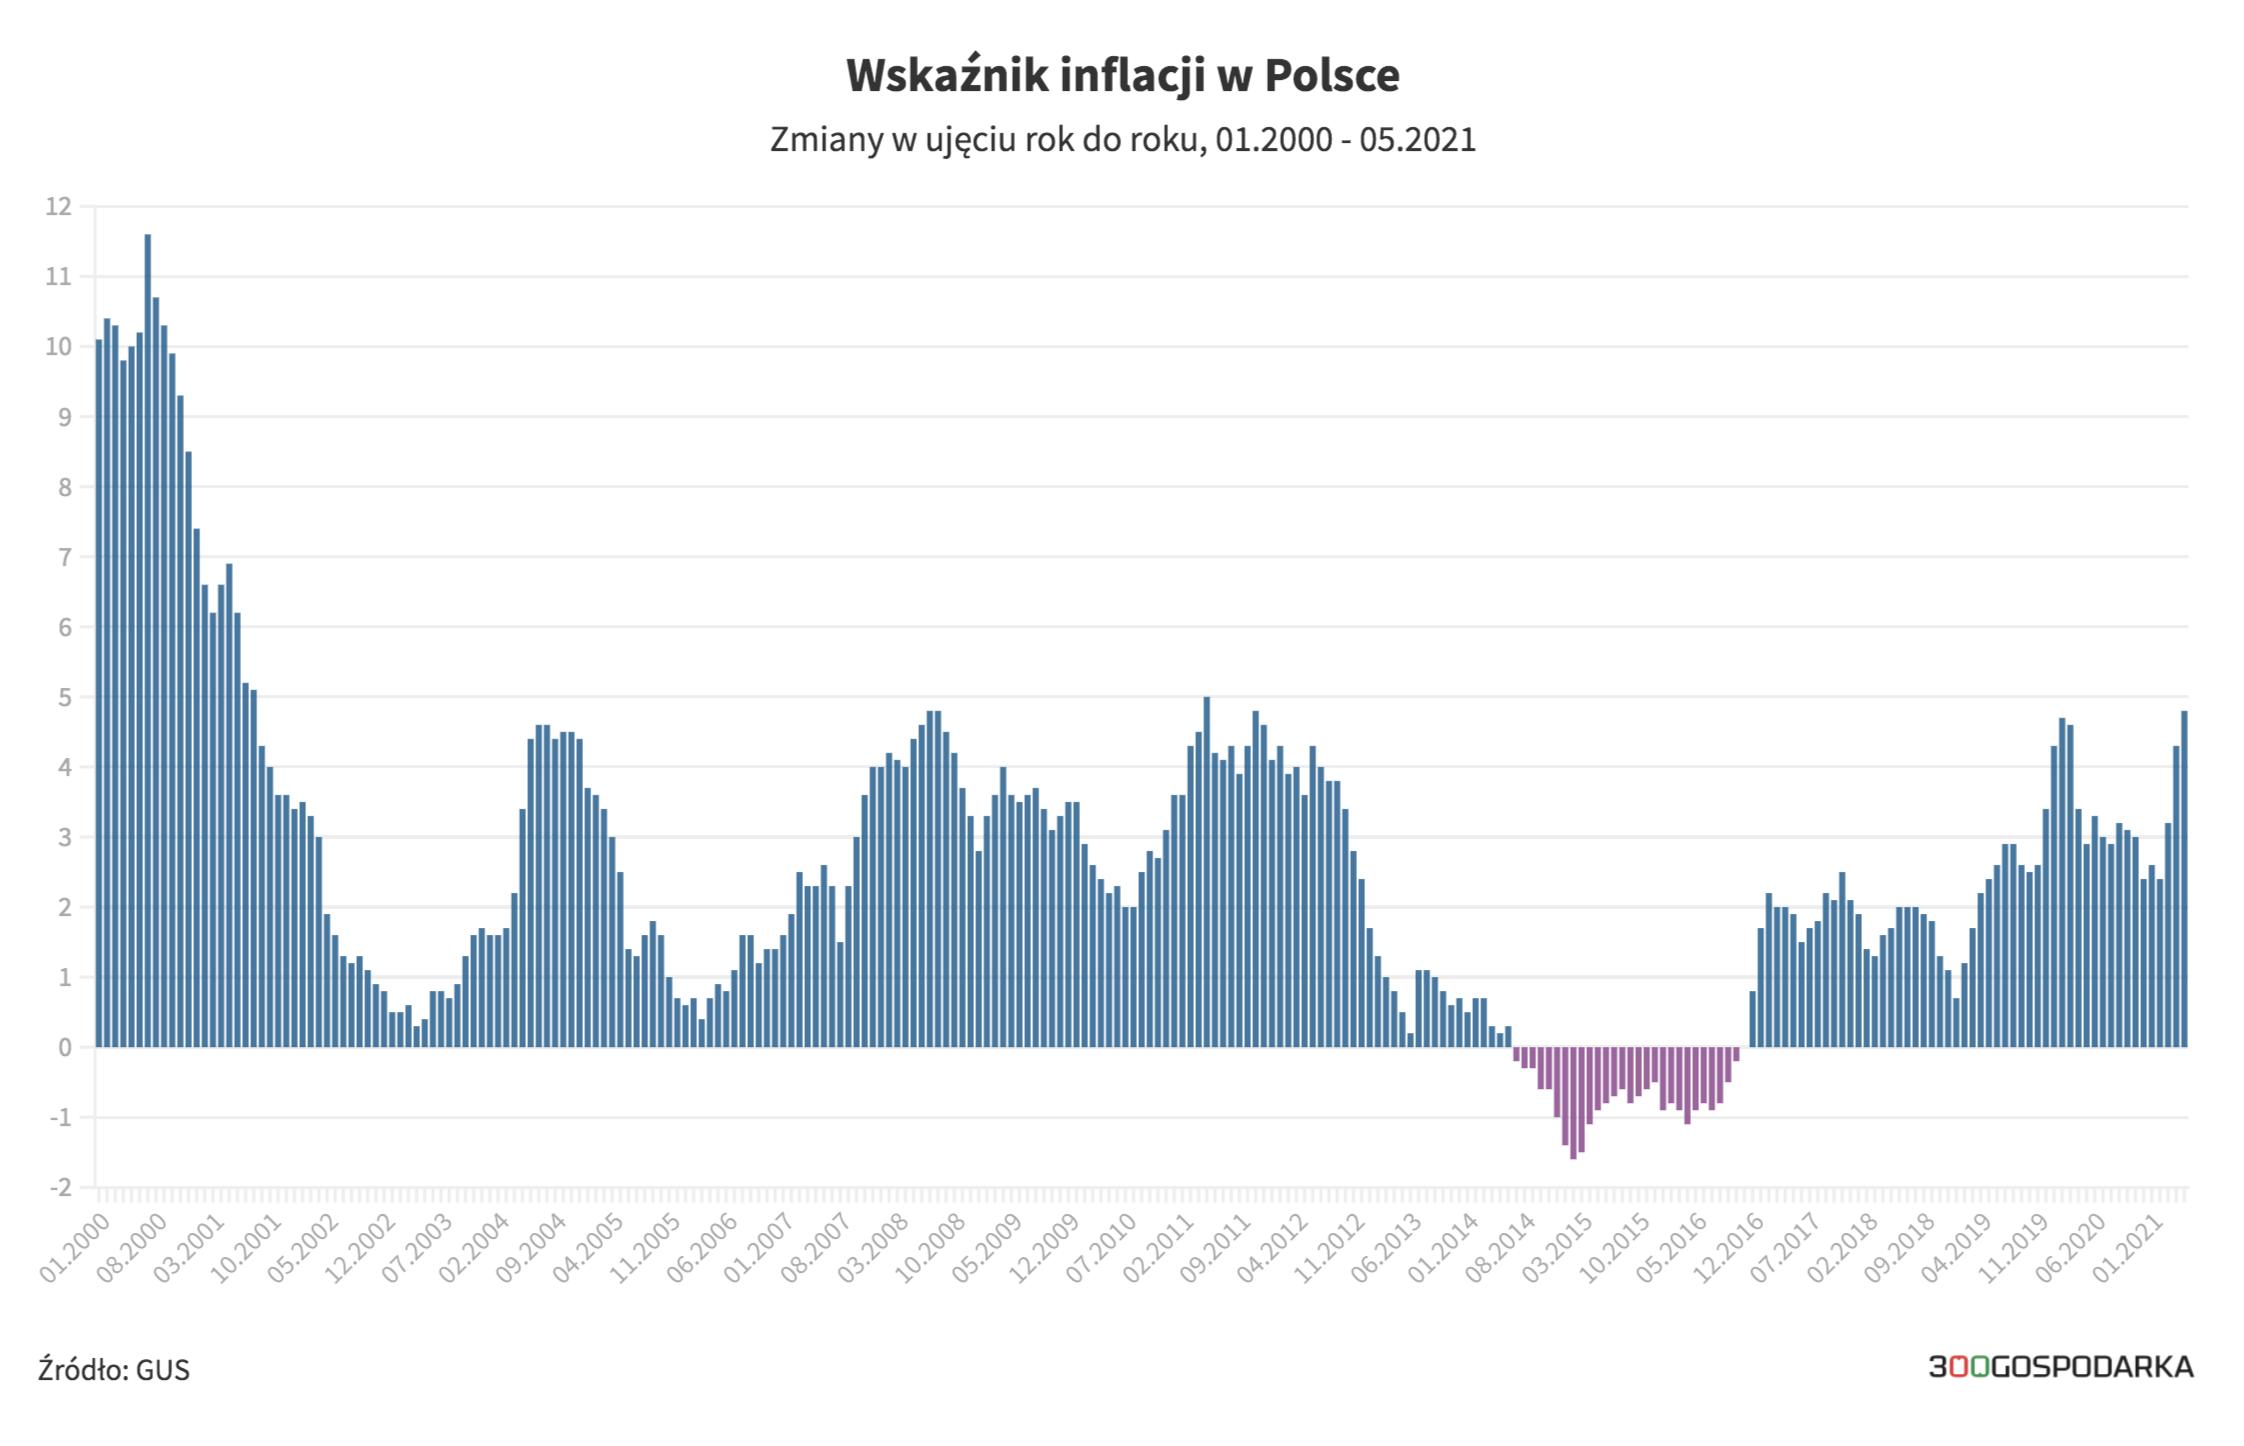 Cum s-a schimbat inflația în Polonia de-a lungul anilor [wykresy, dane GUS]